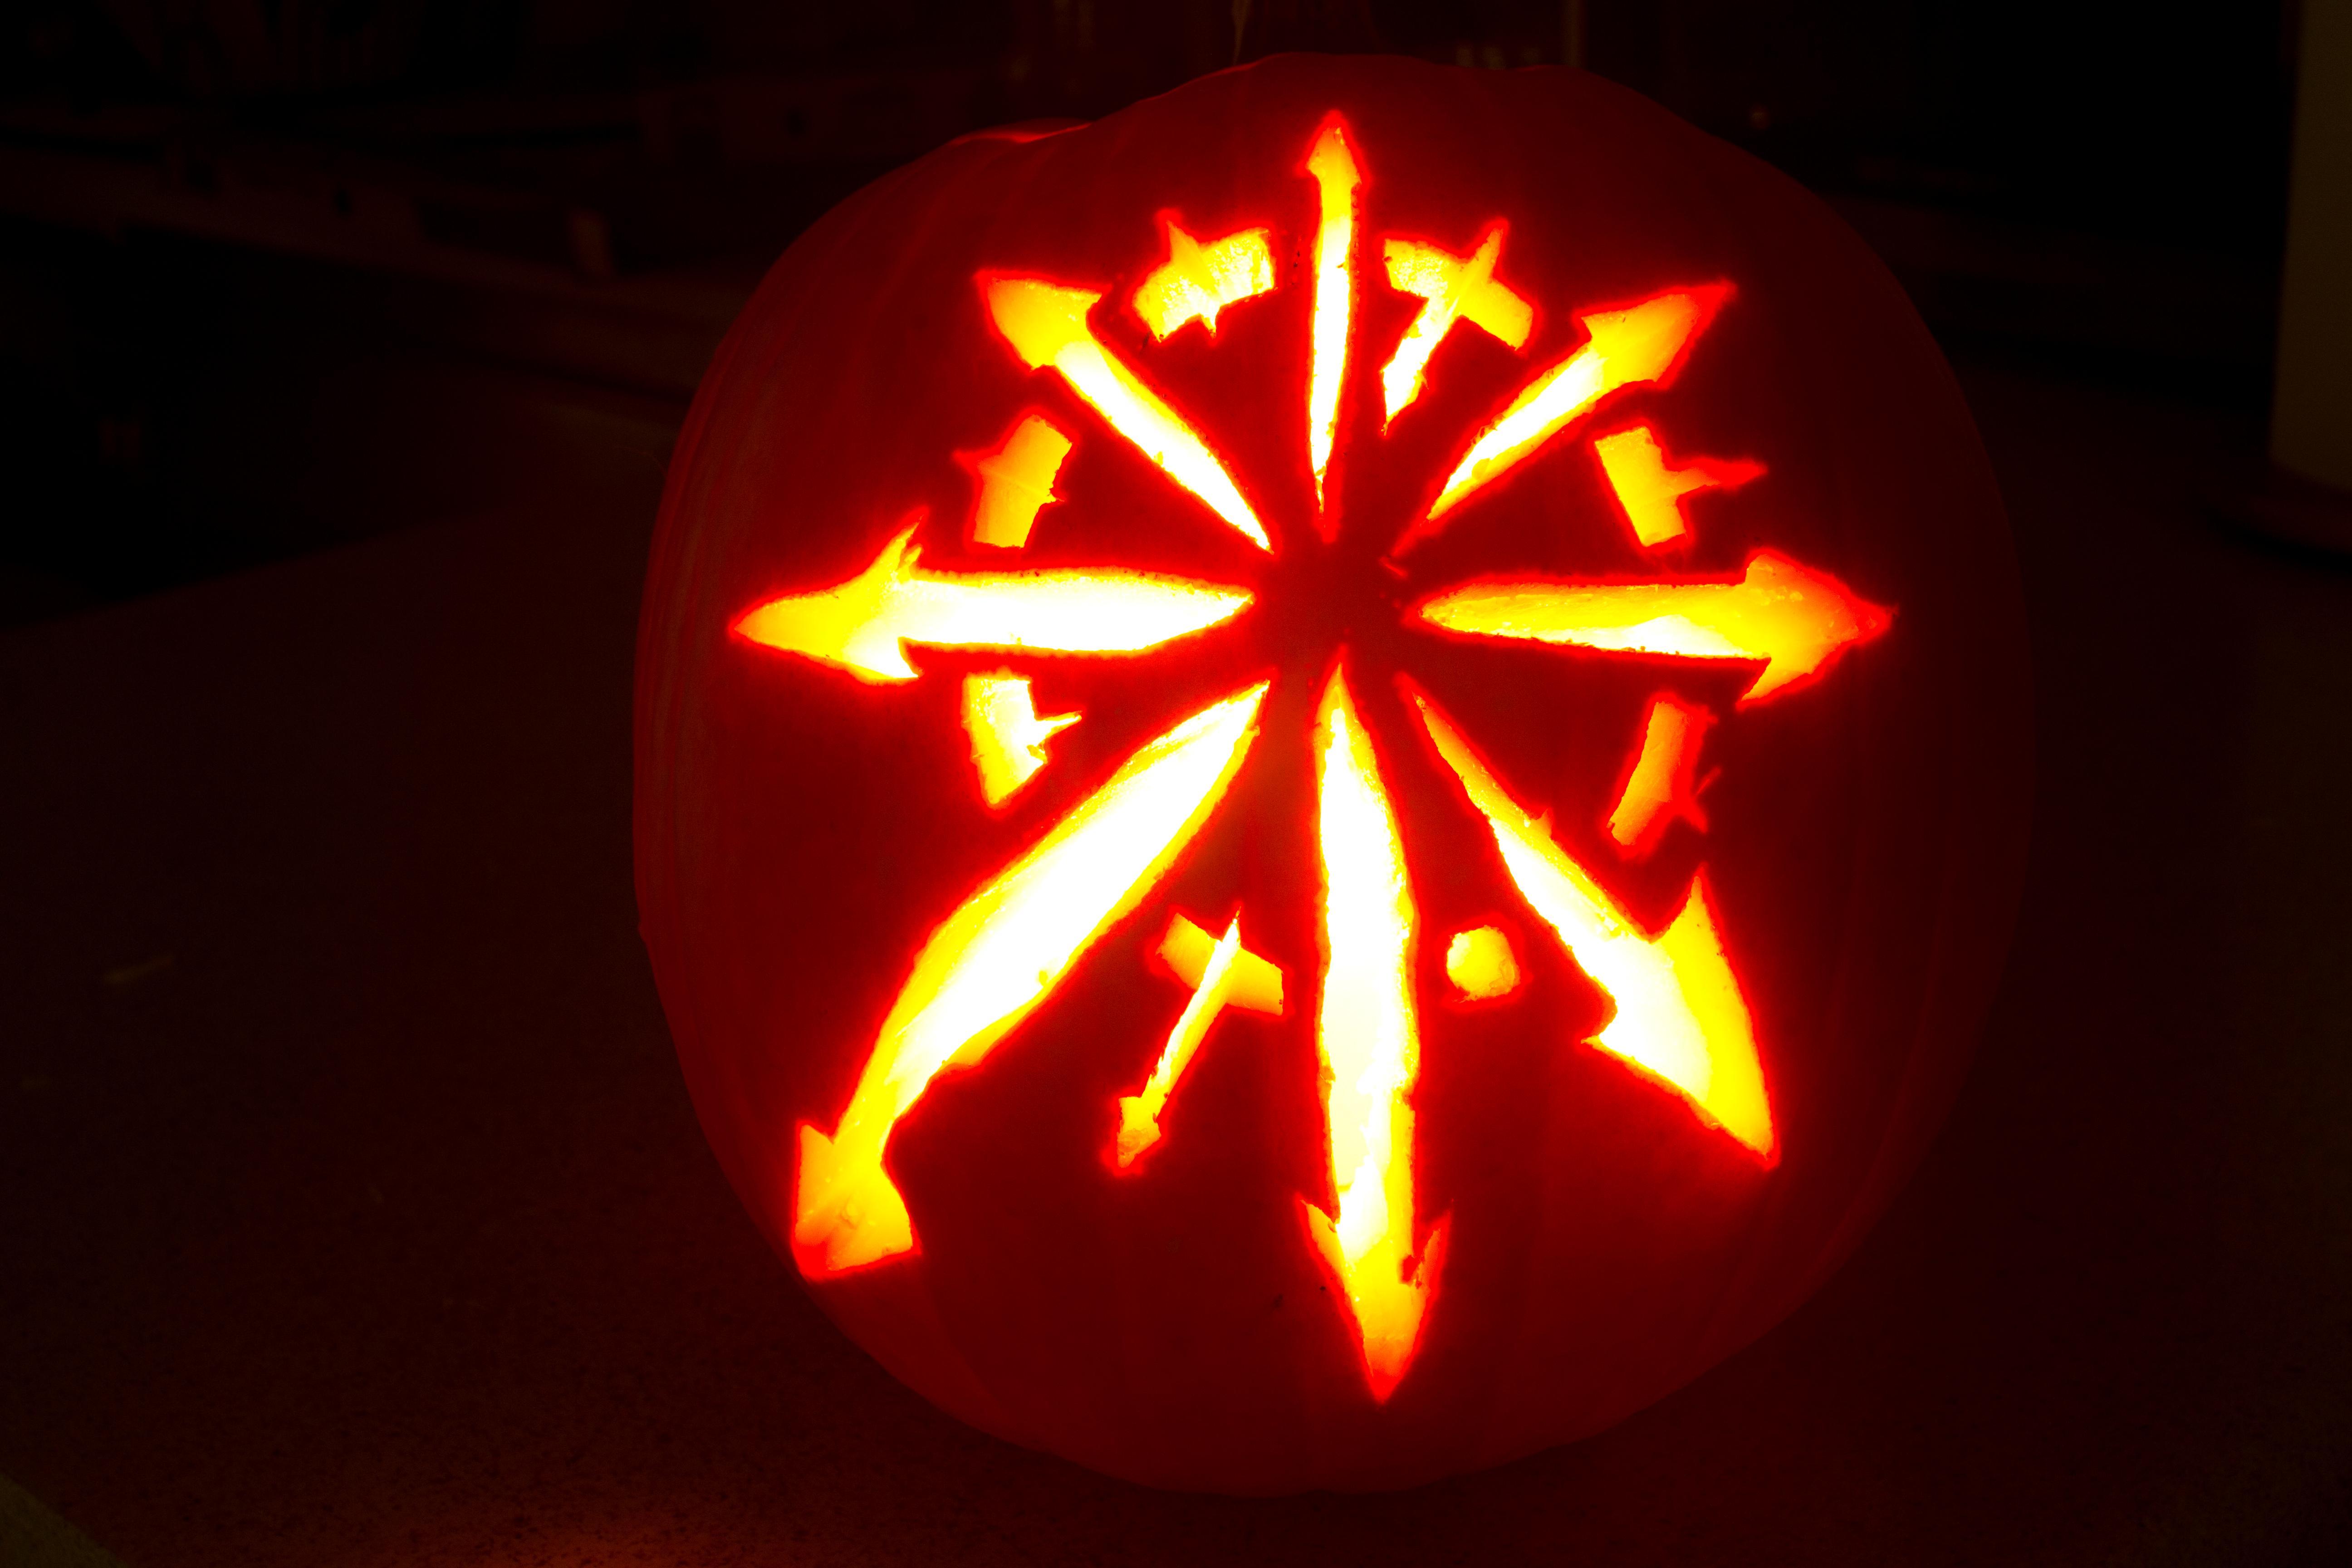 Chaos, Star, Chaos Pumpkin